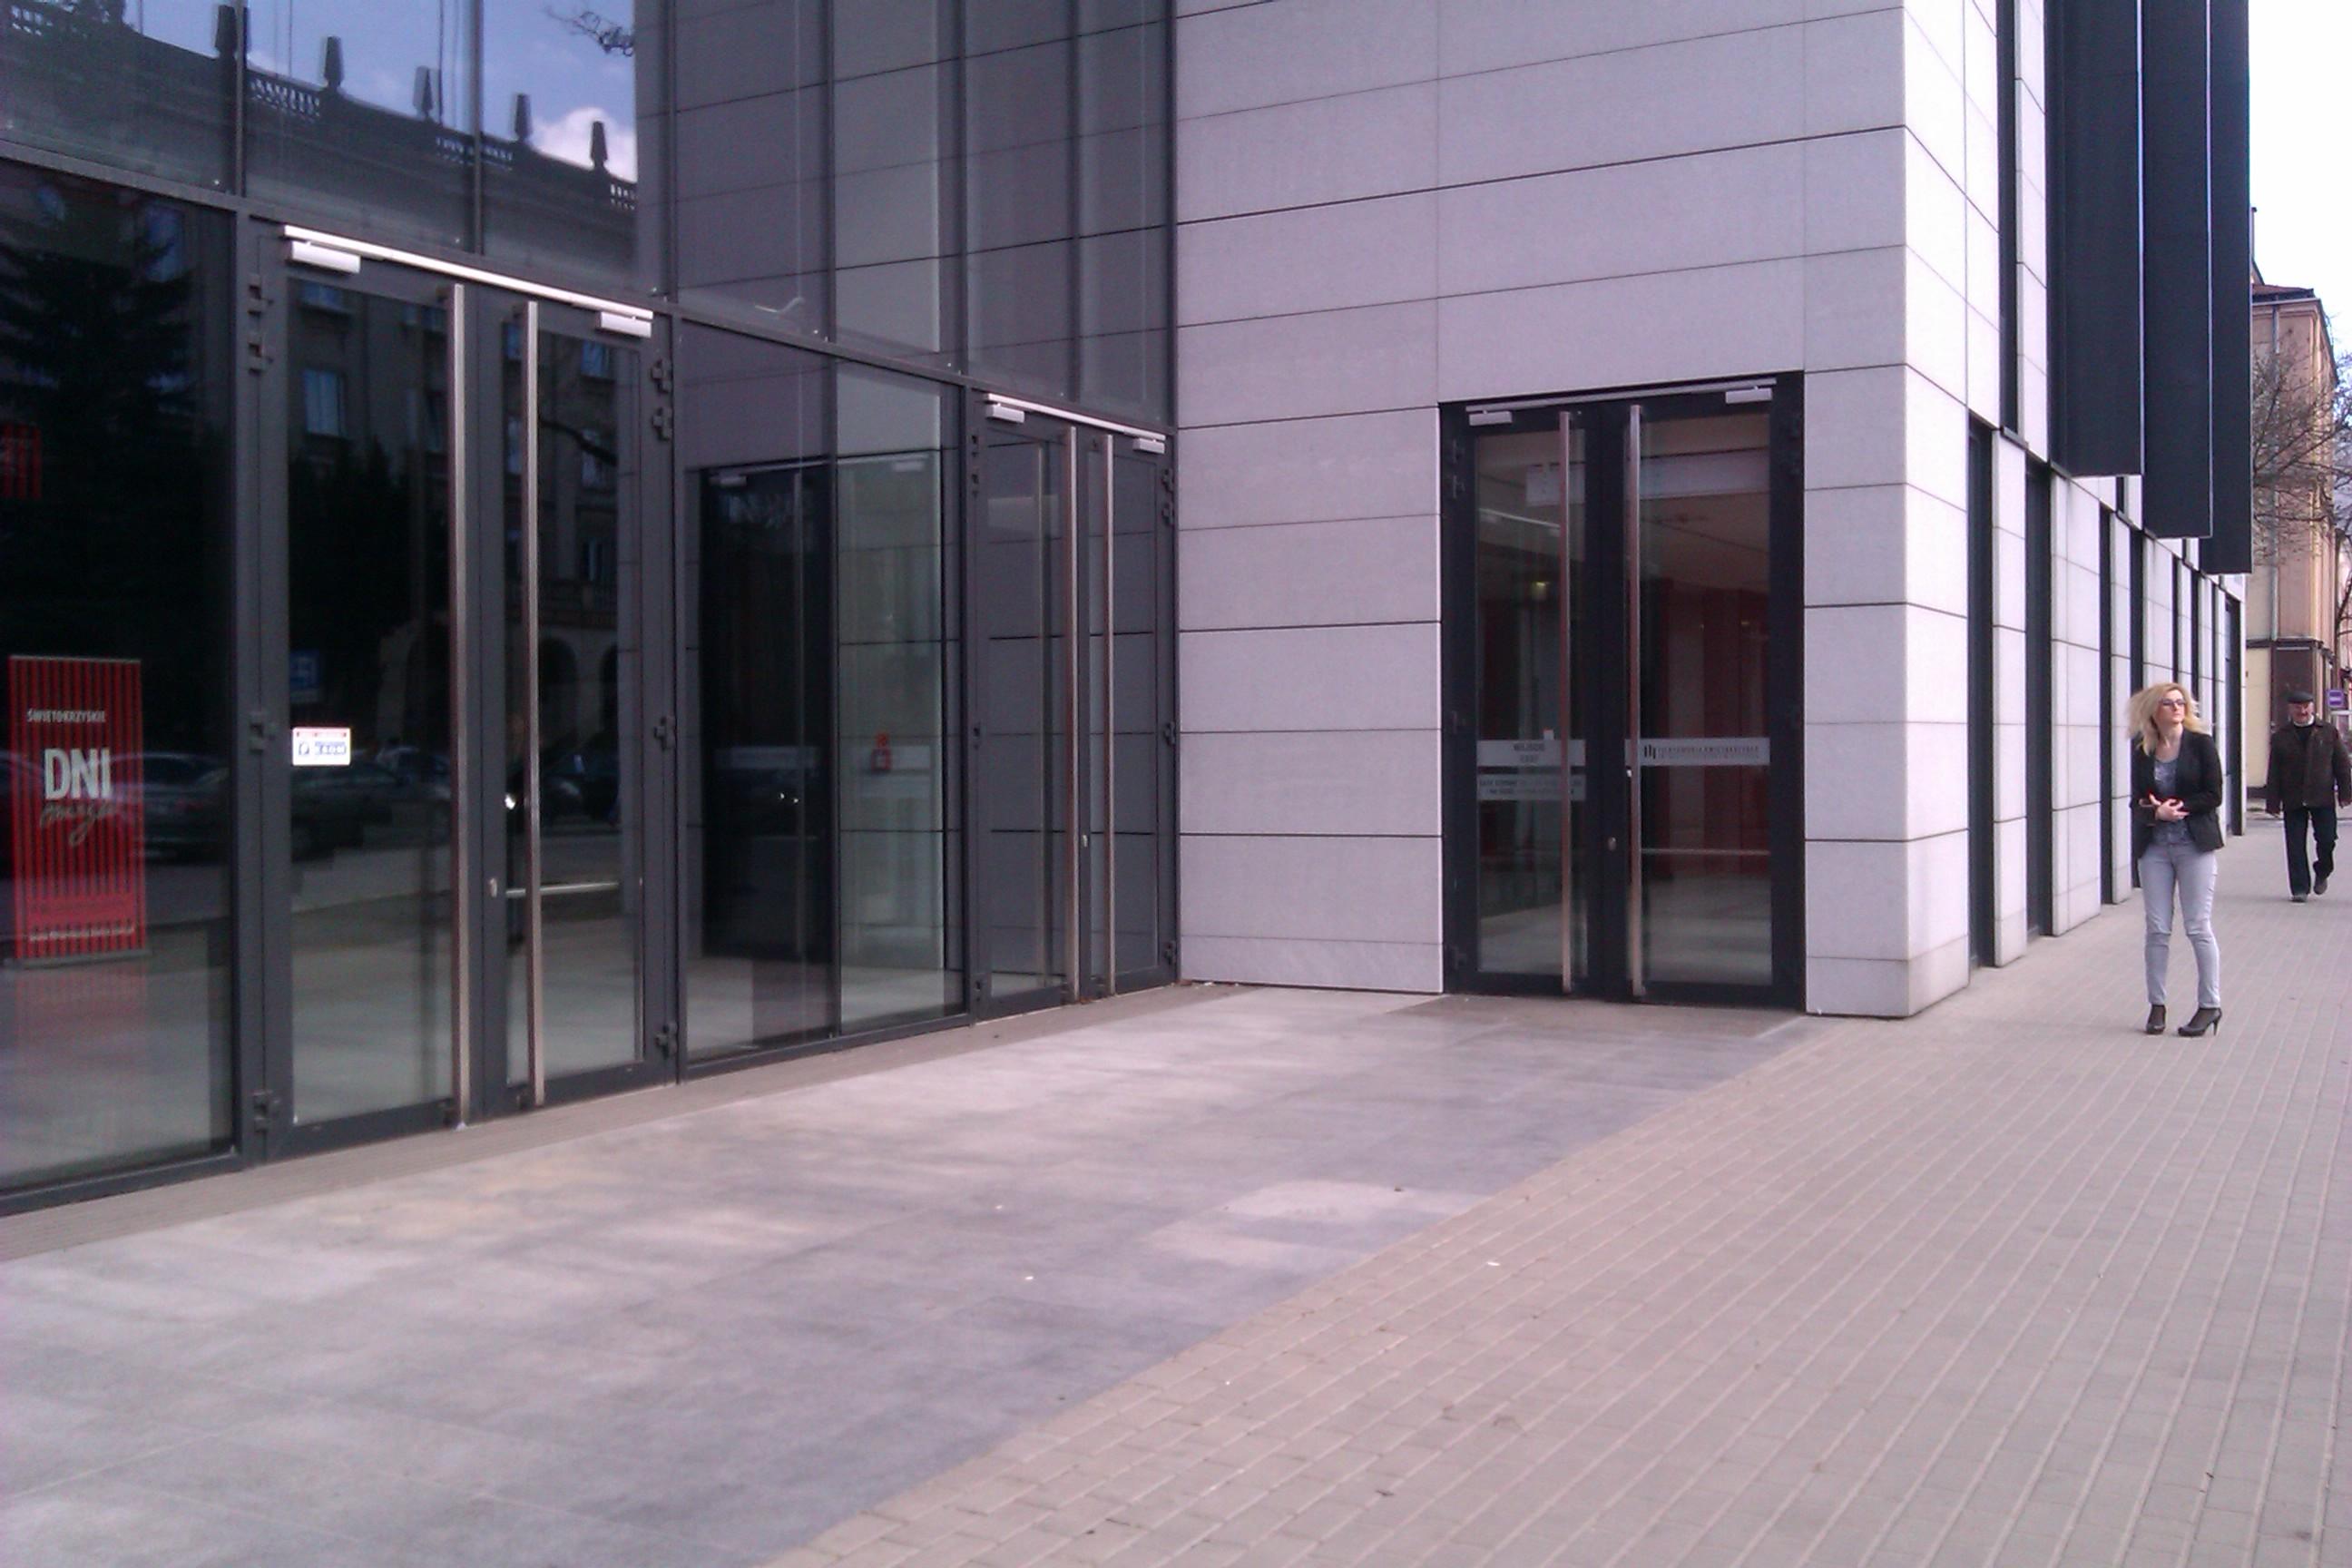 wejście filharmonia świętokrzyska